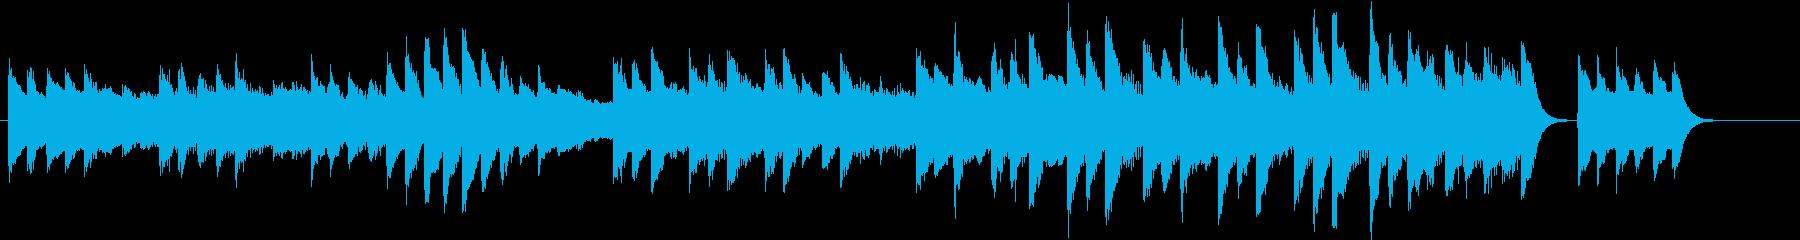 ジングルベルモチーフのピアノジングルFの再生済みの波形